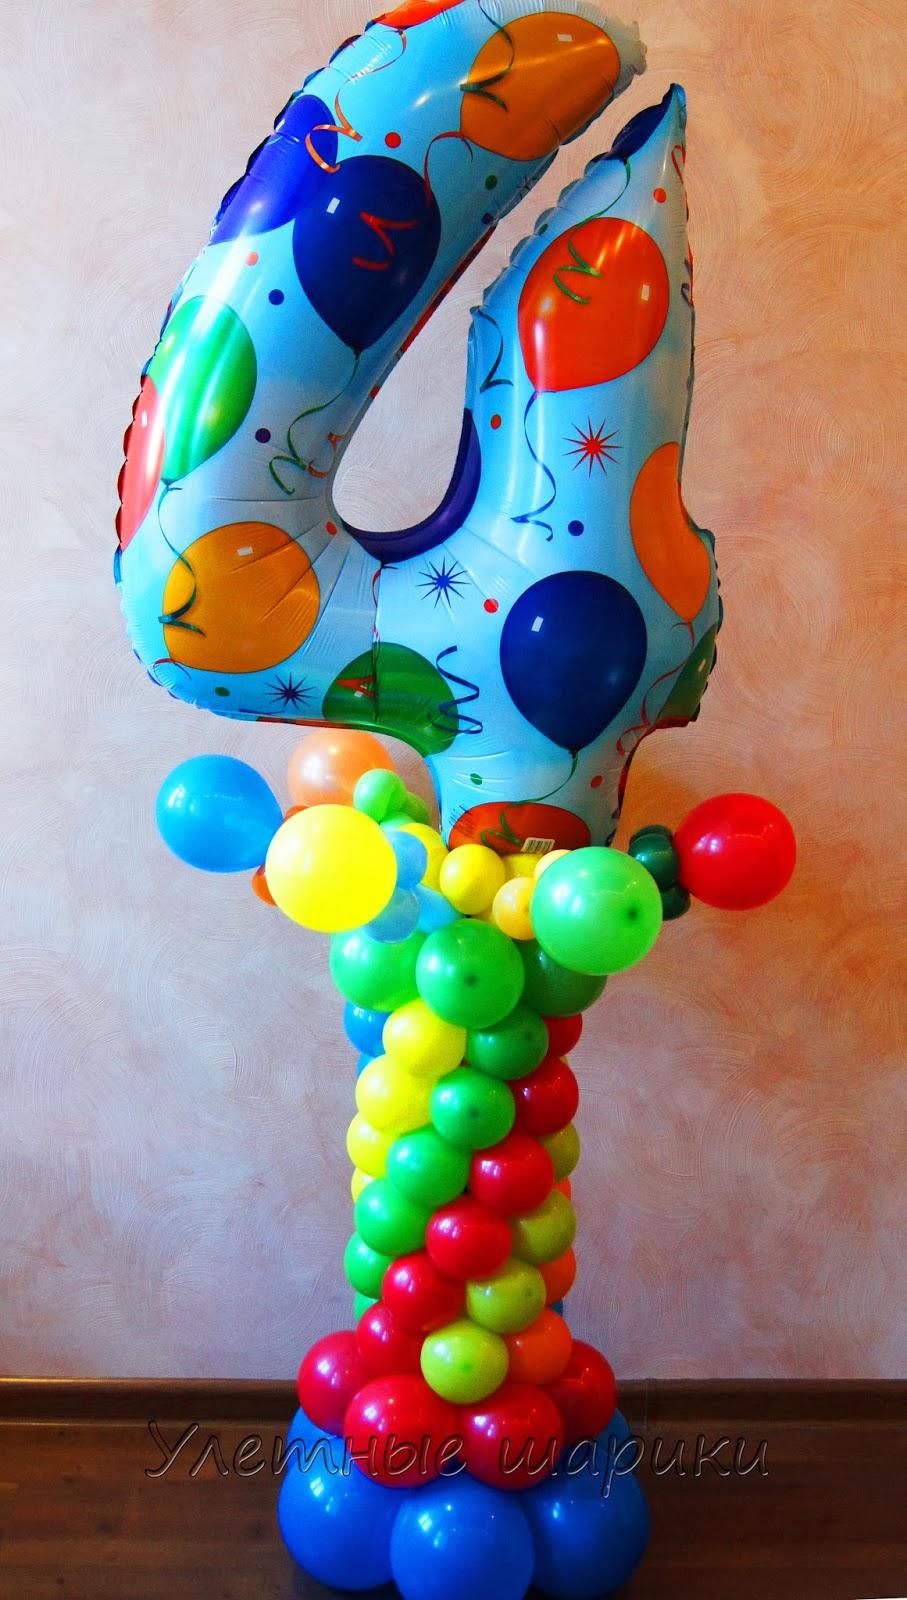 композиция с цифрой  из воздушных шаров на день рождения